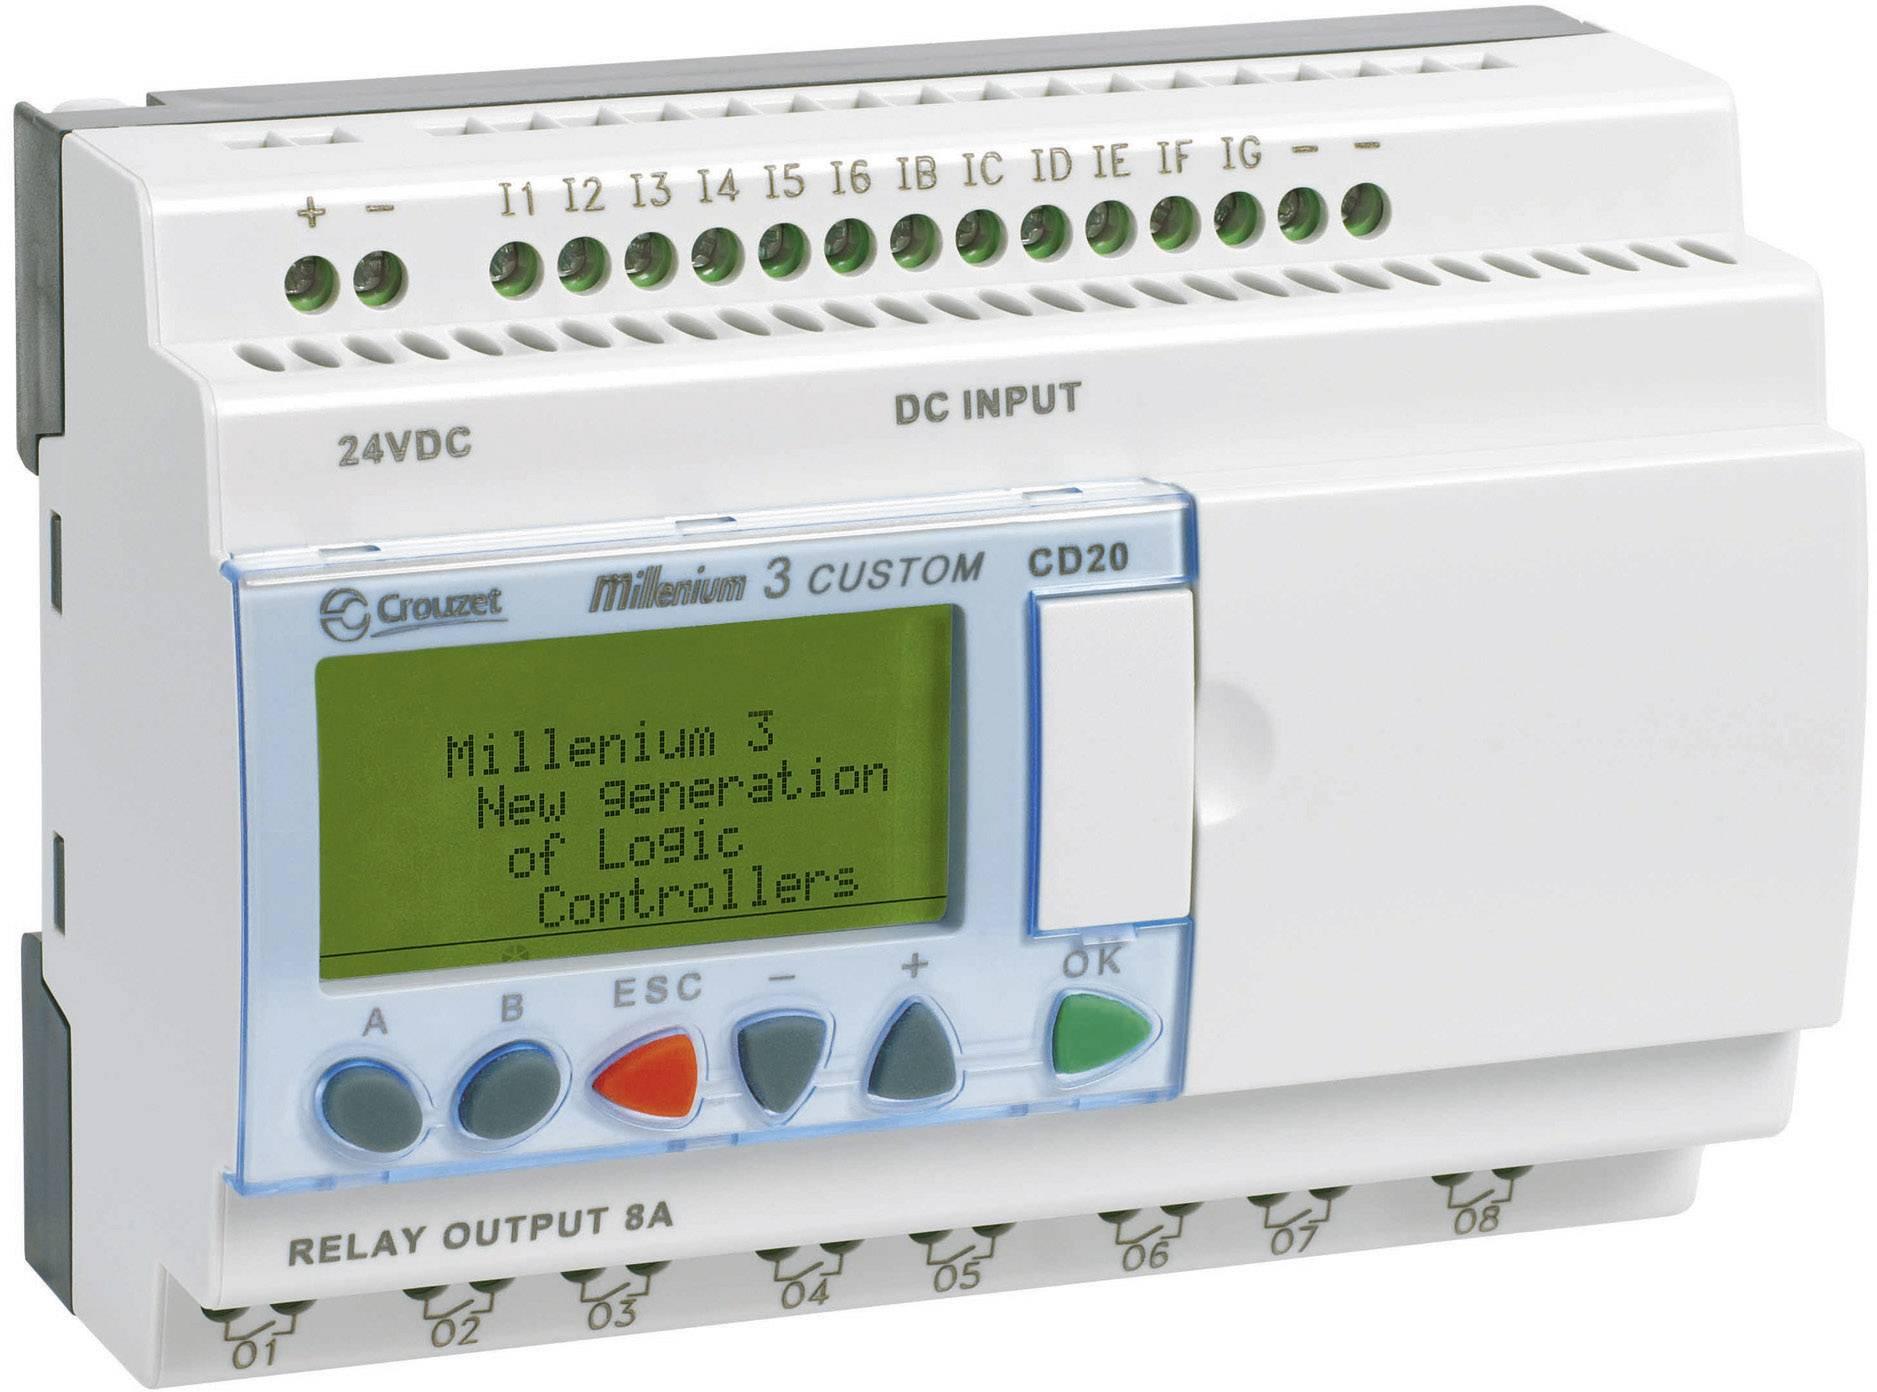 Riadiacimodul Crouzet Millenium 3 CD20 S 88970052, 24 V/DC